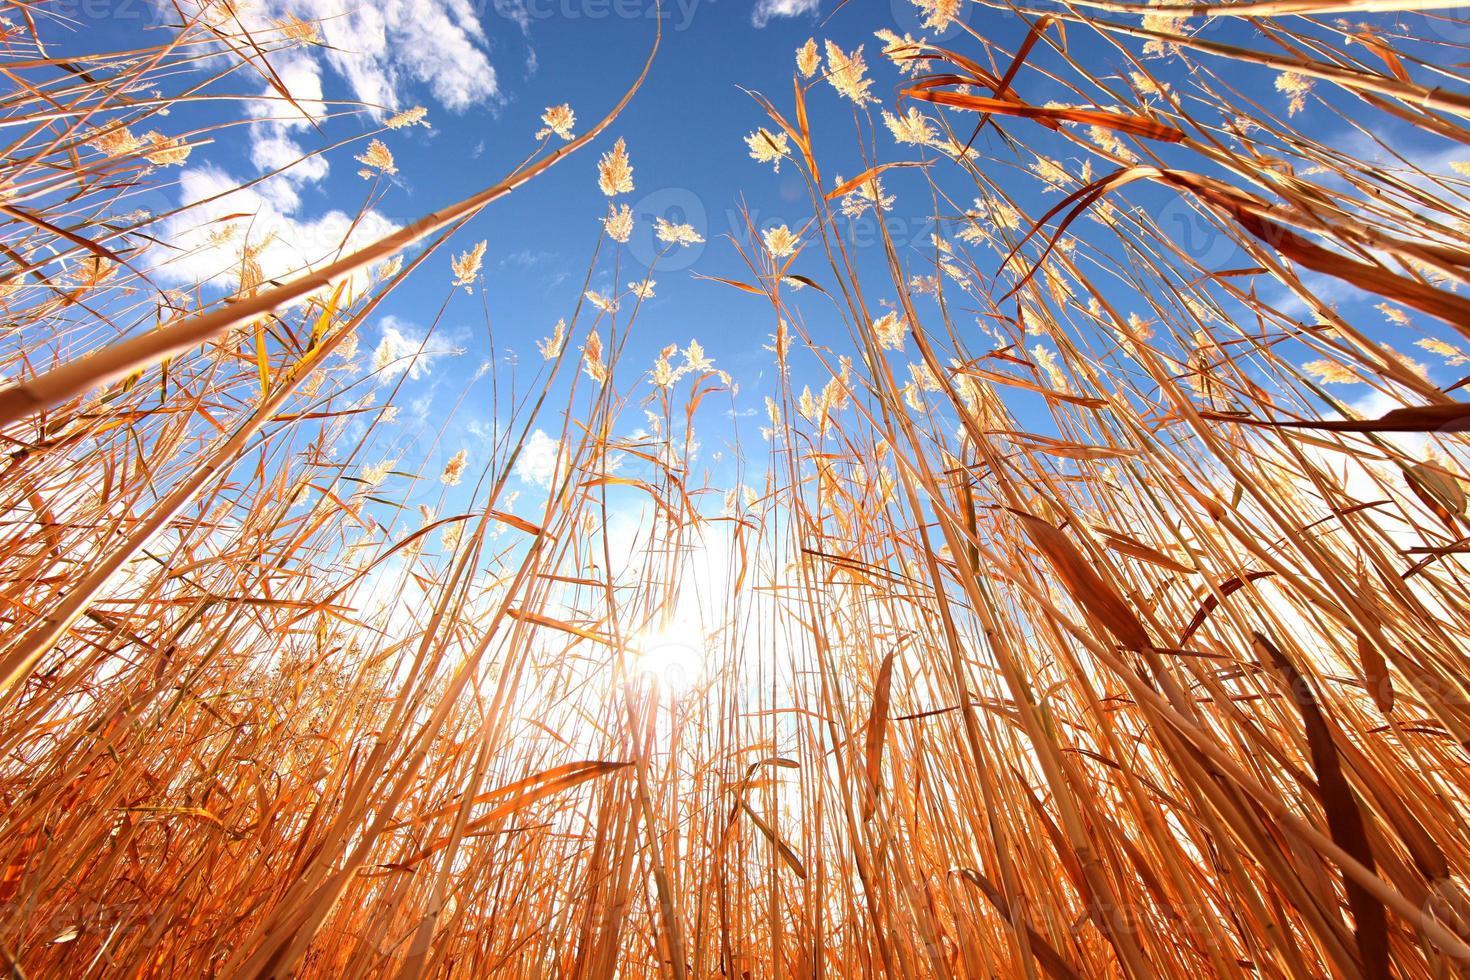 erba di grano all'aperto in una giornata di sole foto